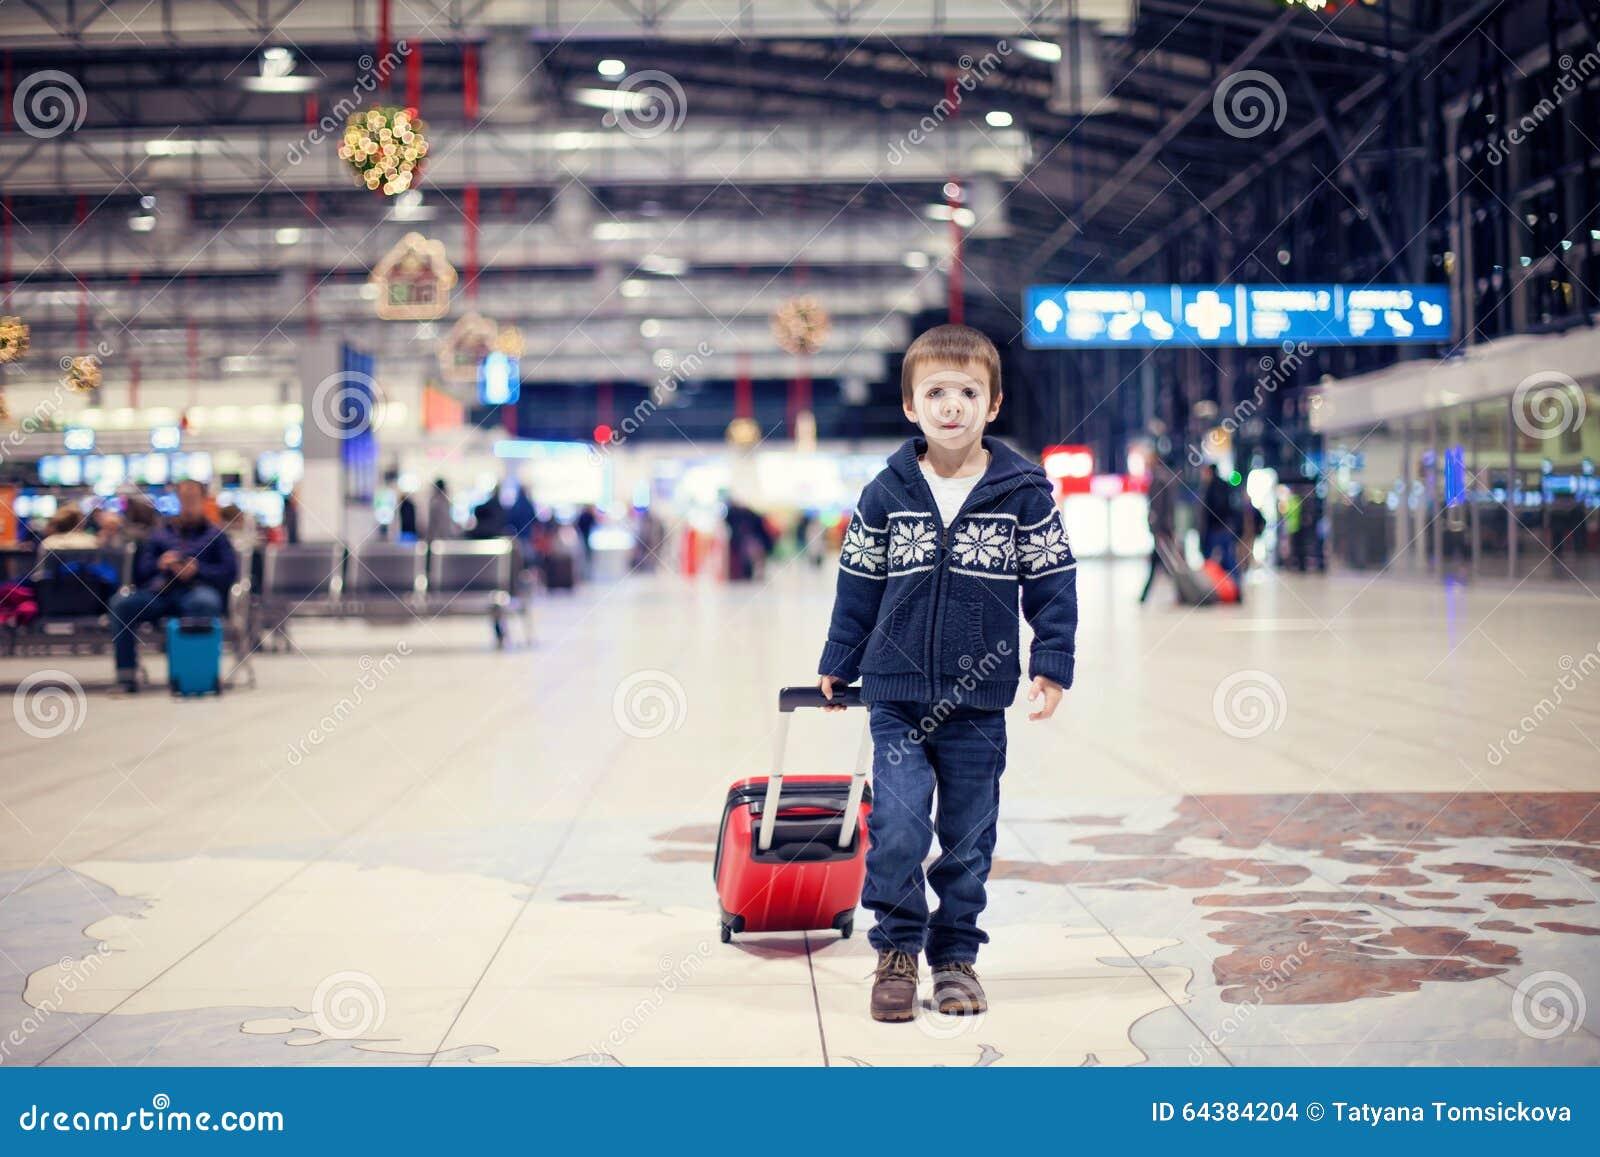 Cute Little Boy In Hat Lying On Traveling Map And Smiling ...  Little Boy Traveling